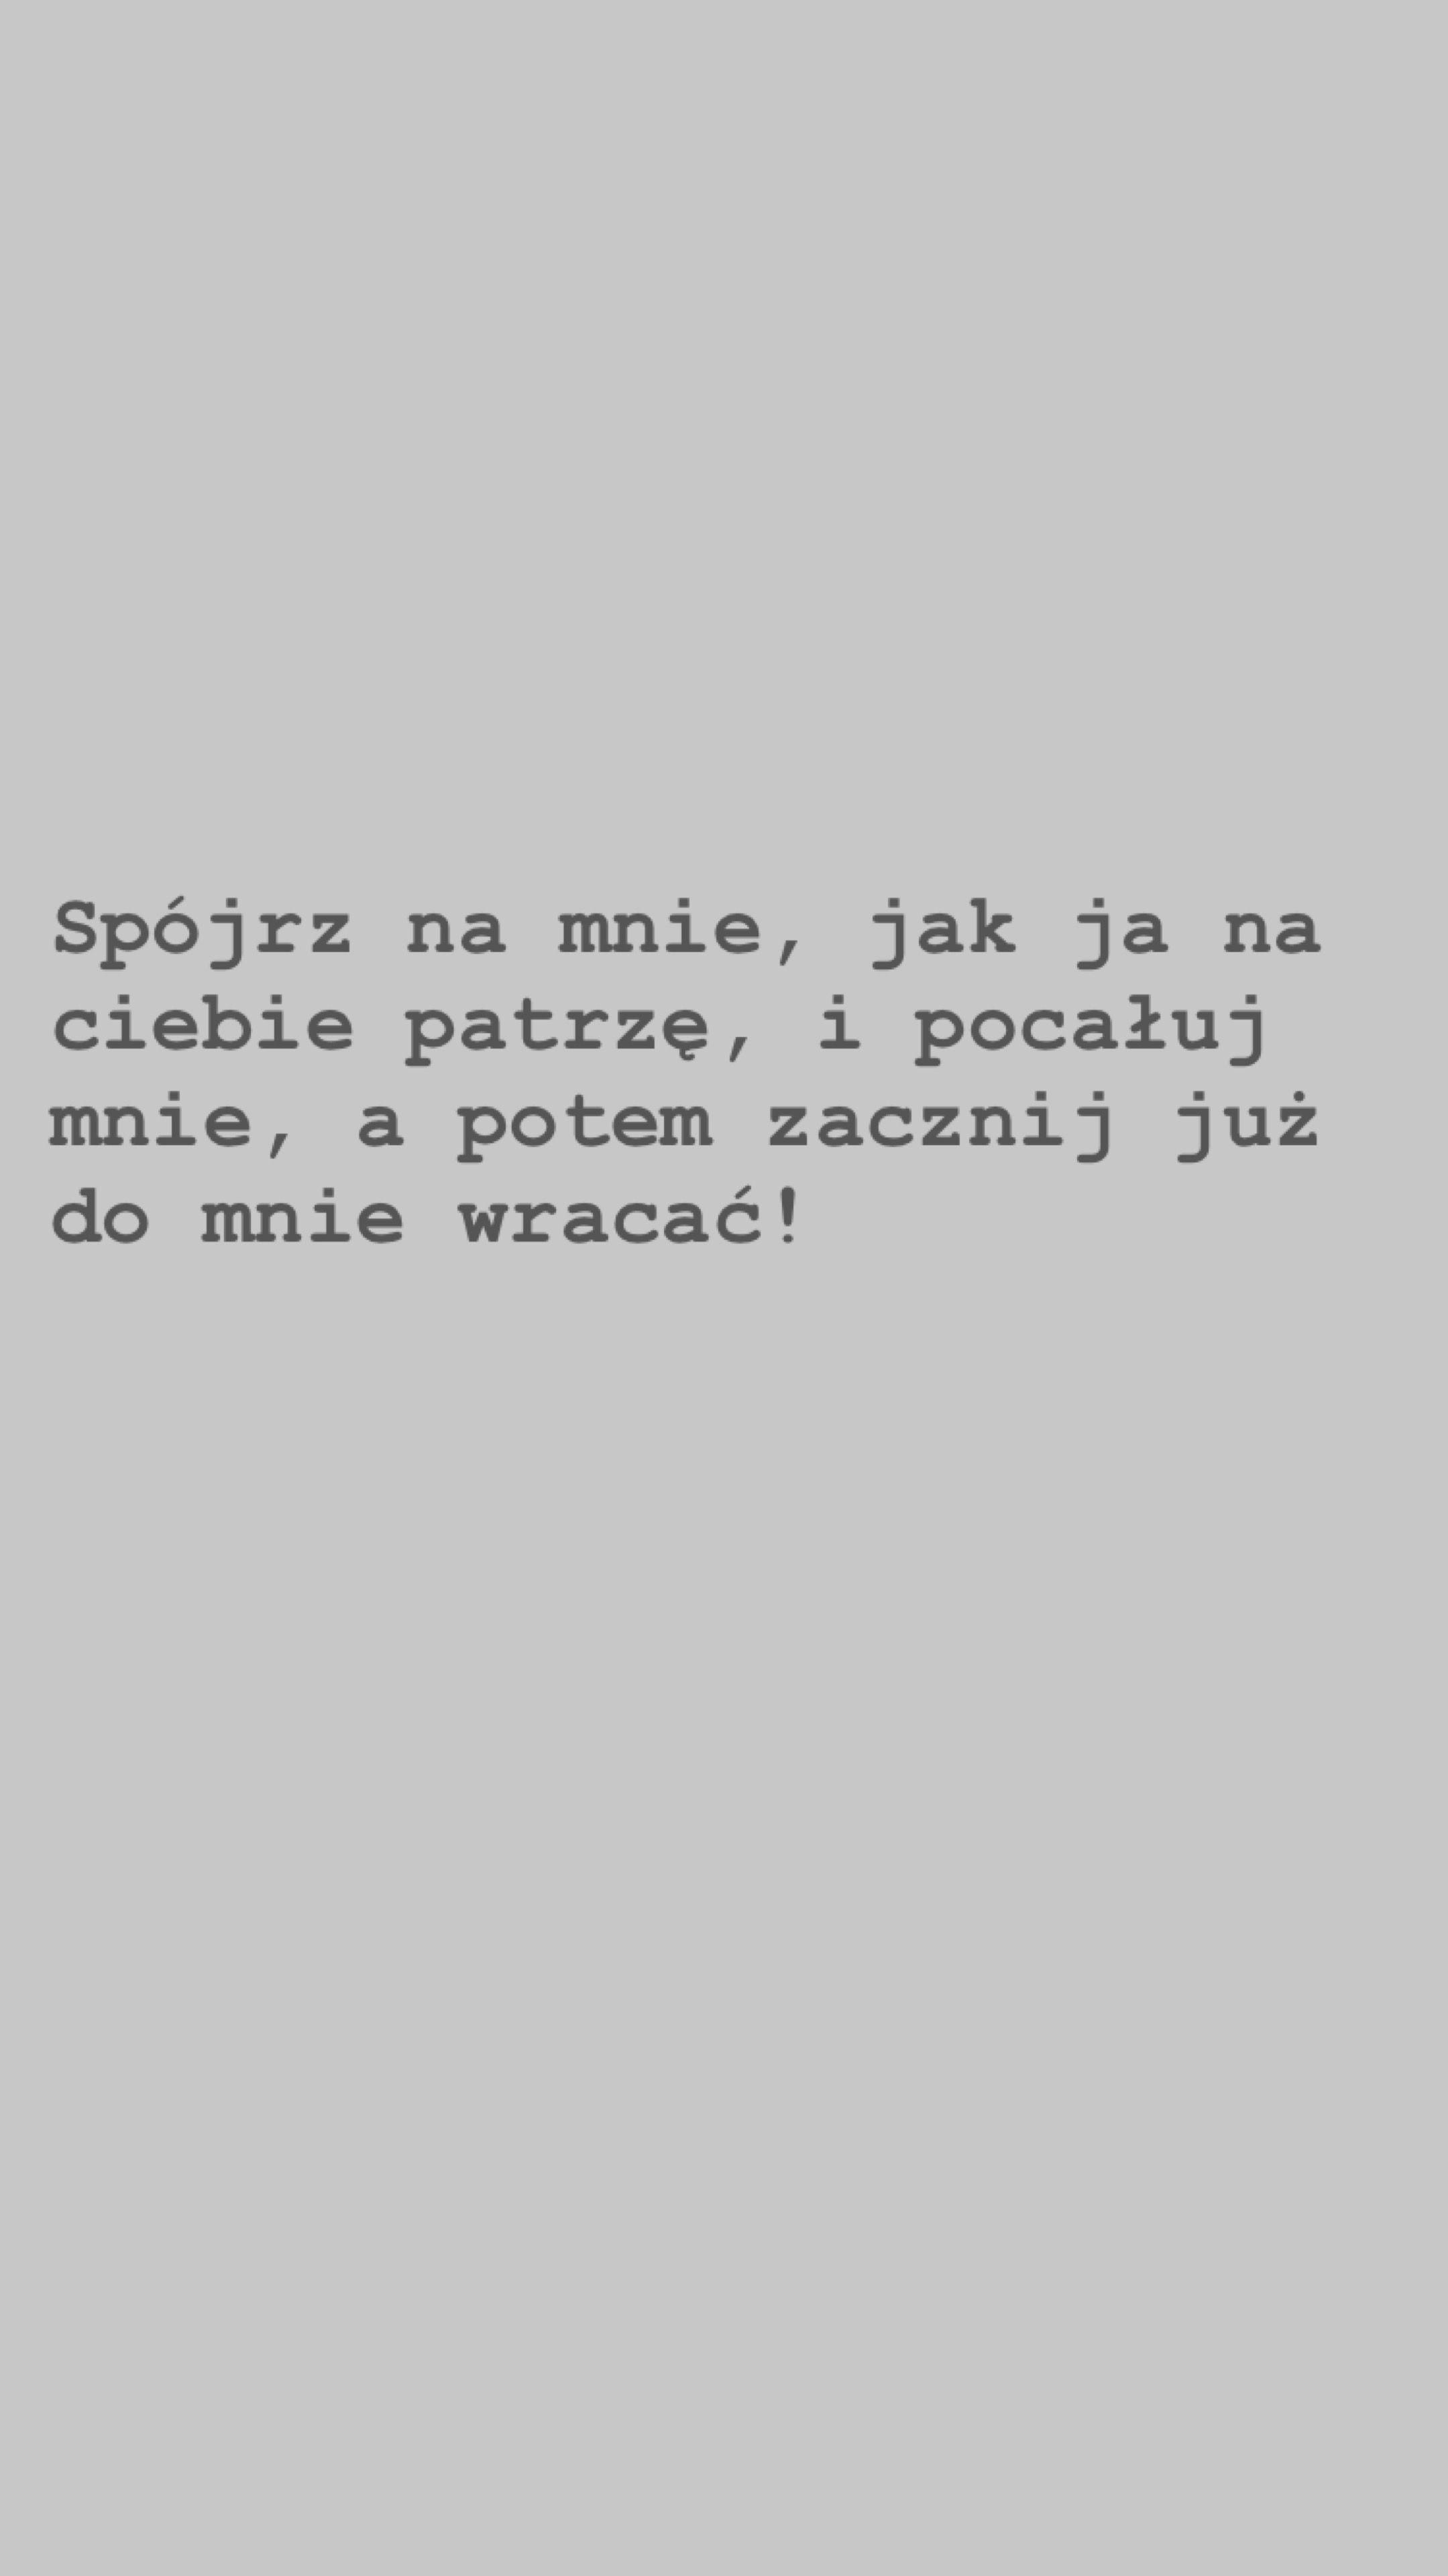 Pin By Emila Stanek On Smutne Cytaty Zyciowe Wiersze Lekcje Zyciowe